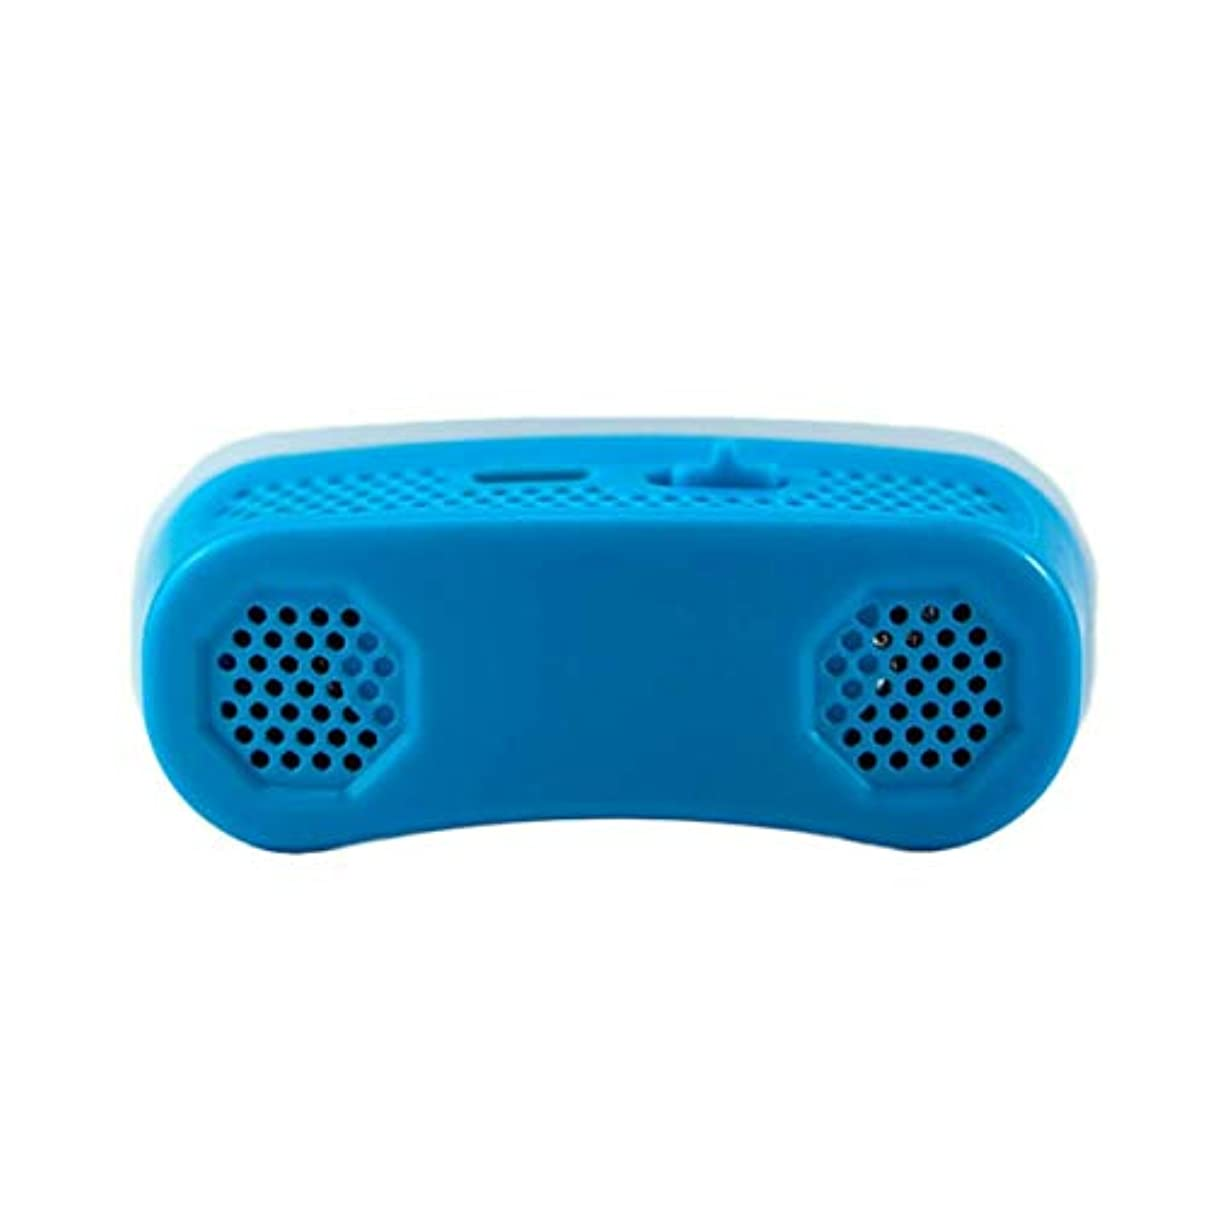 寓話私たち望む睡眠時無呼吸停止いびき止め栓 - 青のためのマイクロCPAP抗いびき電子デバイス